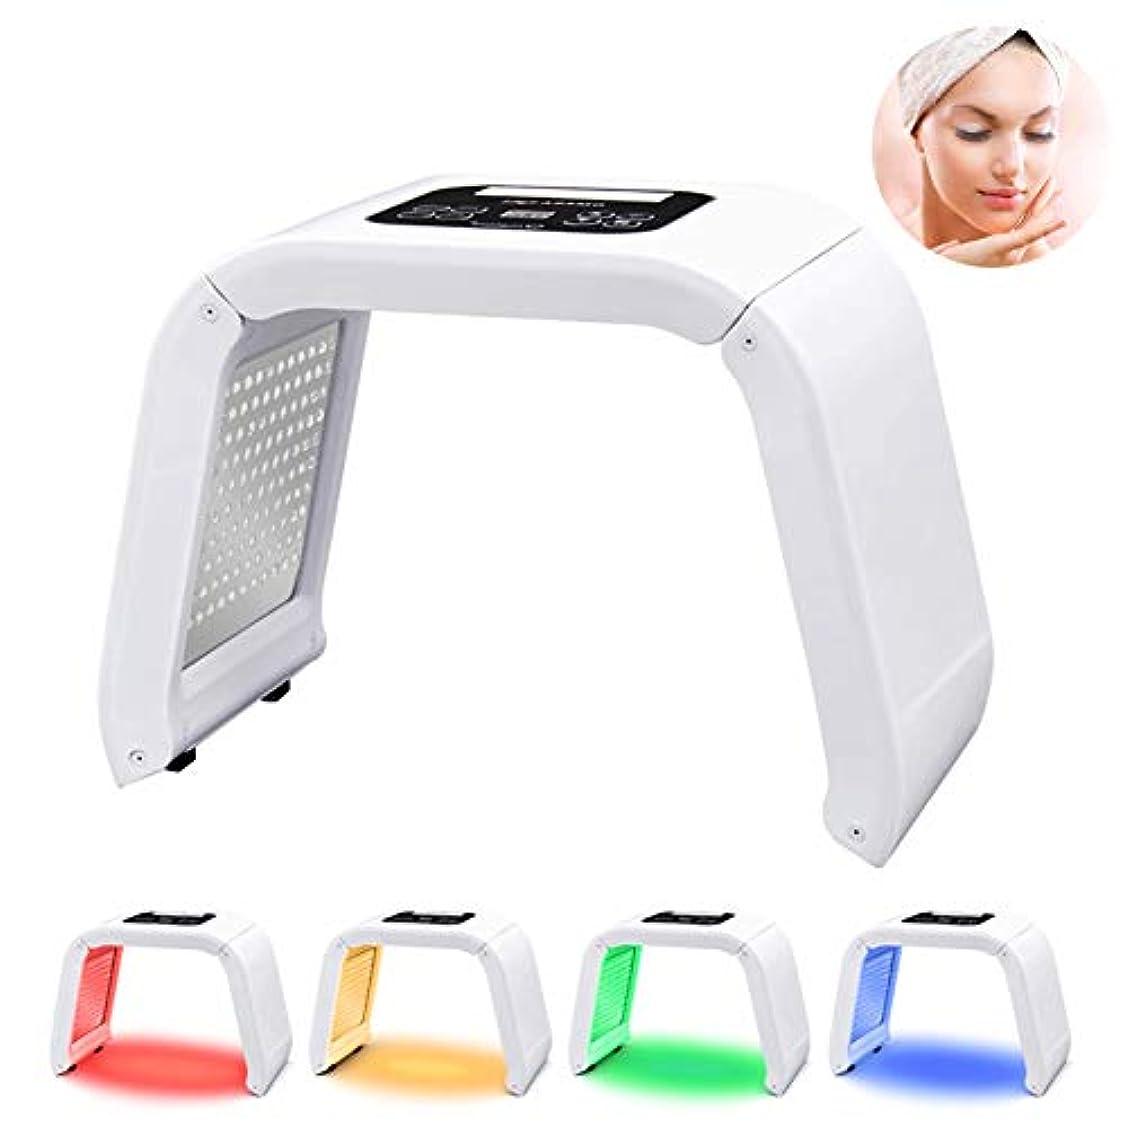 欠席事前に収益PDT 4-In-1 LEDライト光線療法電気スキンケア美容装置家庭用多機能体の美容スキンケア分光器のマシン女性のための完璧なギフト